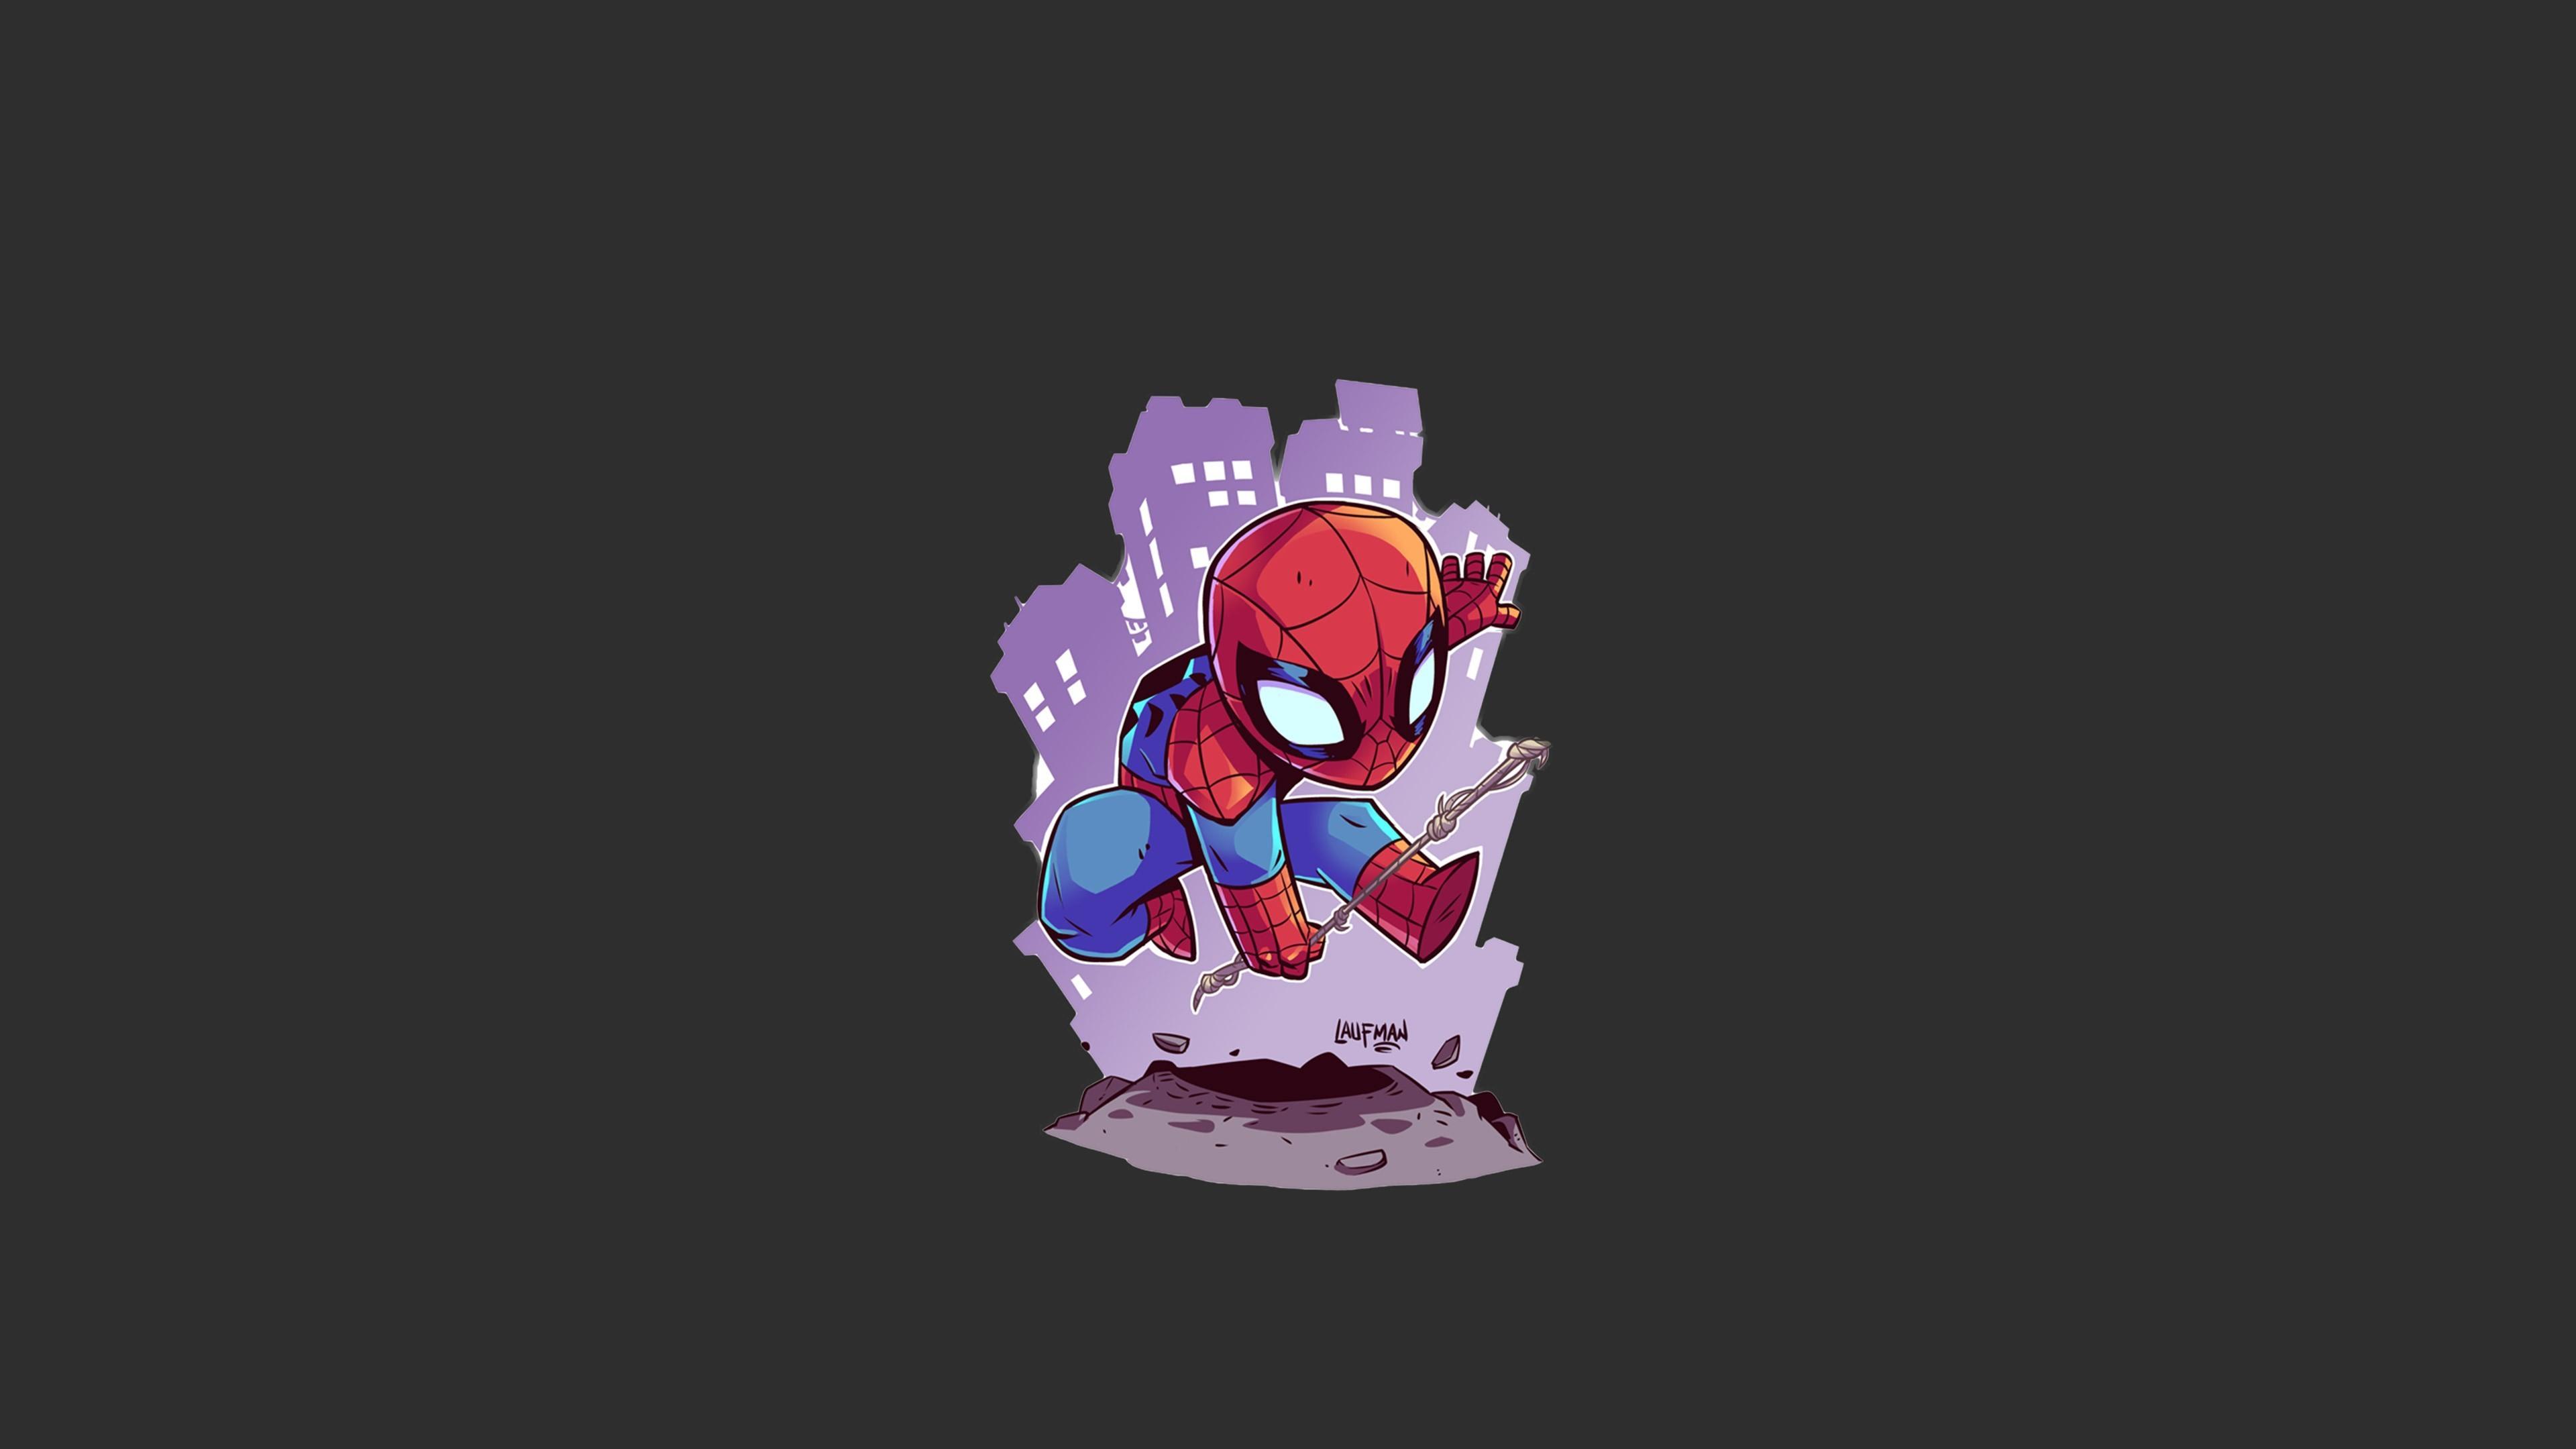 Res: 3840x2160, Comics - Spider-Man Marvel Comics Minimalist Wallpaper